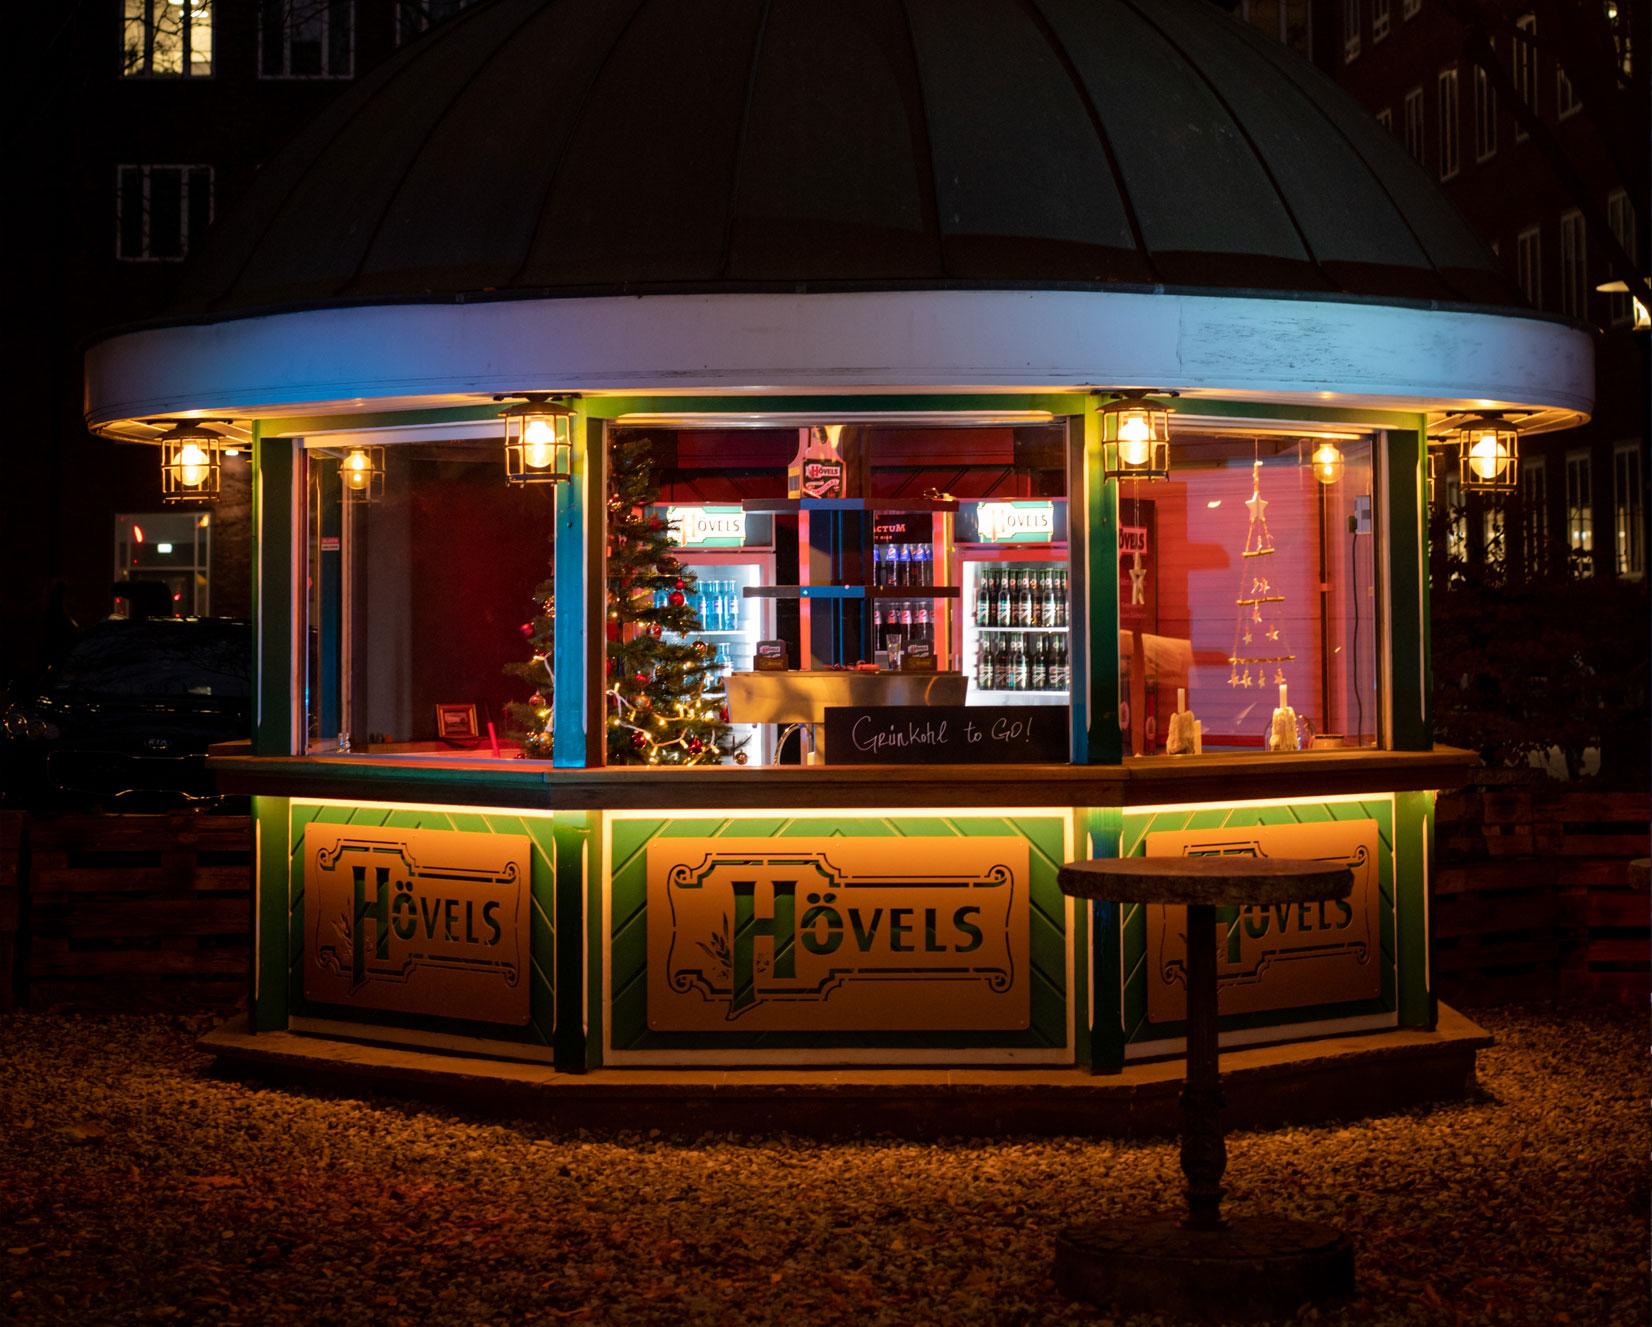 Pavillon Hövels Hausbrauerei Dortmund City (Ansicht bei Nacht)